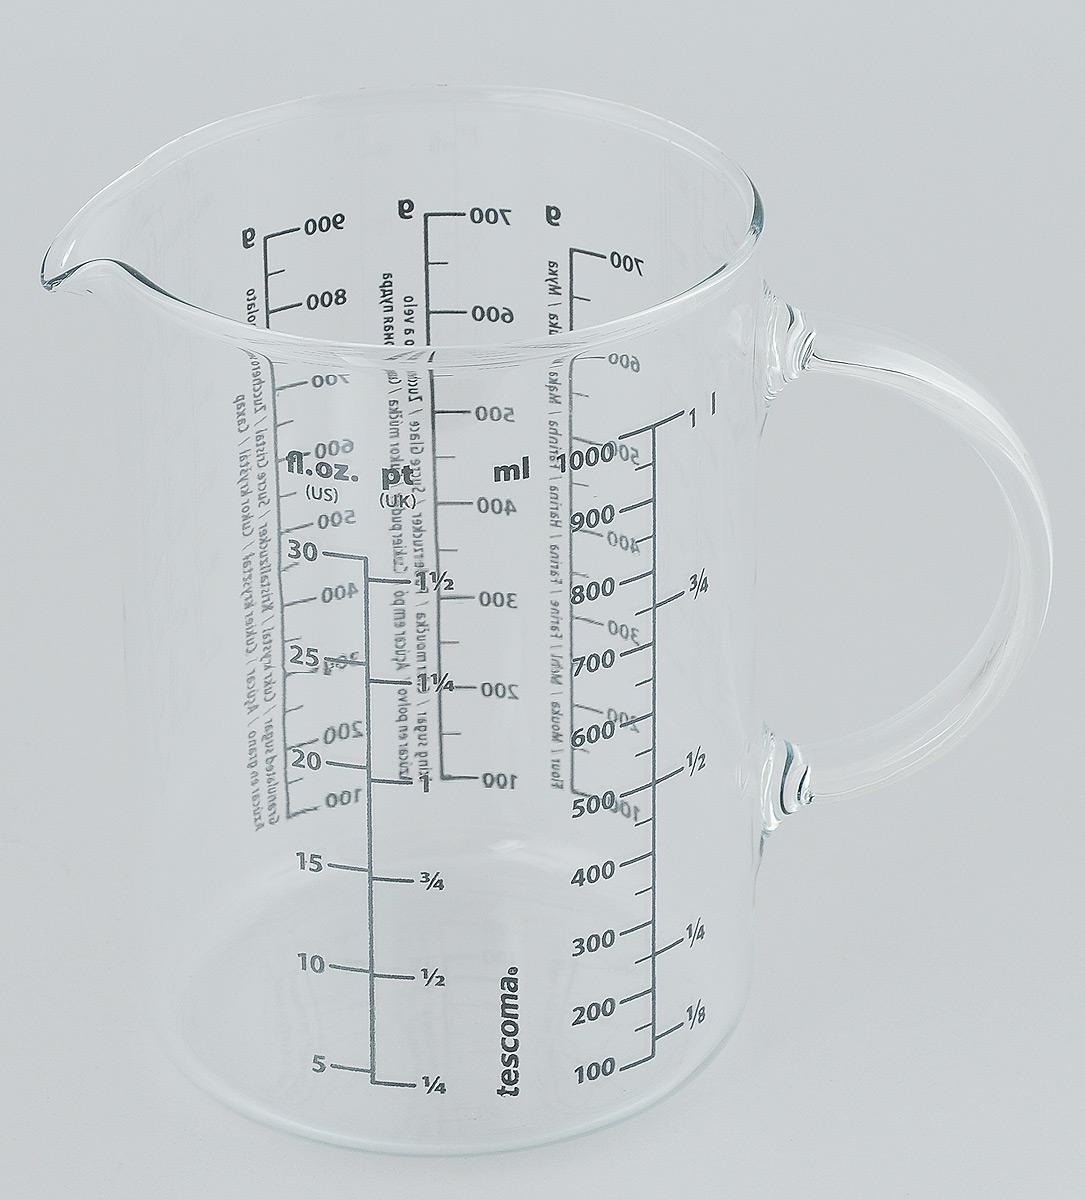 Стакан мерный Tescoma Delicia, 1 лFA-5125-1 BlueМерный прозрачный стакан Tescoma Delicia выполнен из высококачественного стекла. Стакан оснащен удобной ручкой и носиком, которые делают изделие еще более простым в использовании. Он позволяет мерить жидкости до 1000 мл, муки и сахарной пудры до 700 г, сахара до 900 г, и возможность измерения в унциях. Такой стаканчик пригодится на каждой кухне, ведь зачастую приготовление некоторых блюд требует известной точности.Объем: 1000 мл.Диаметр (по верхнему краю): 10 см.Высота: 15 см.